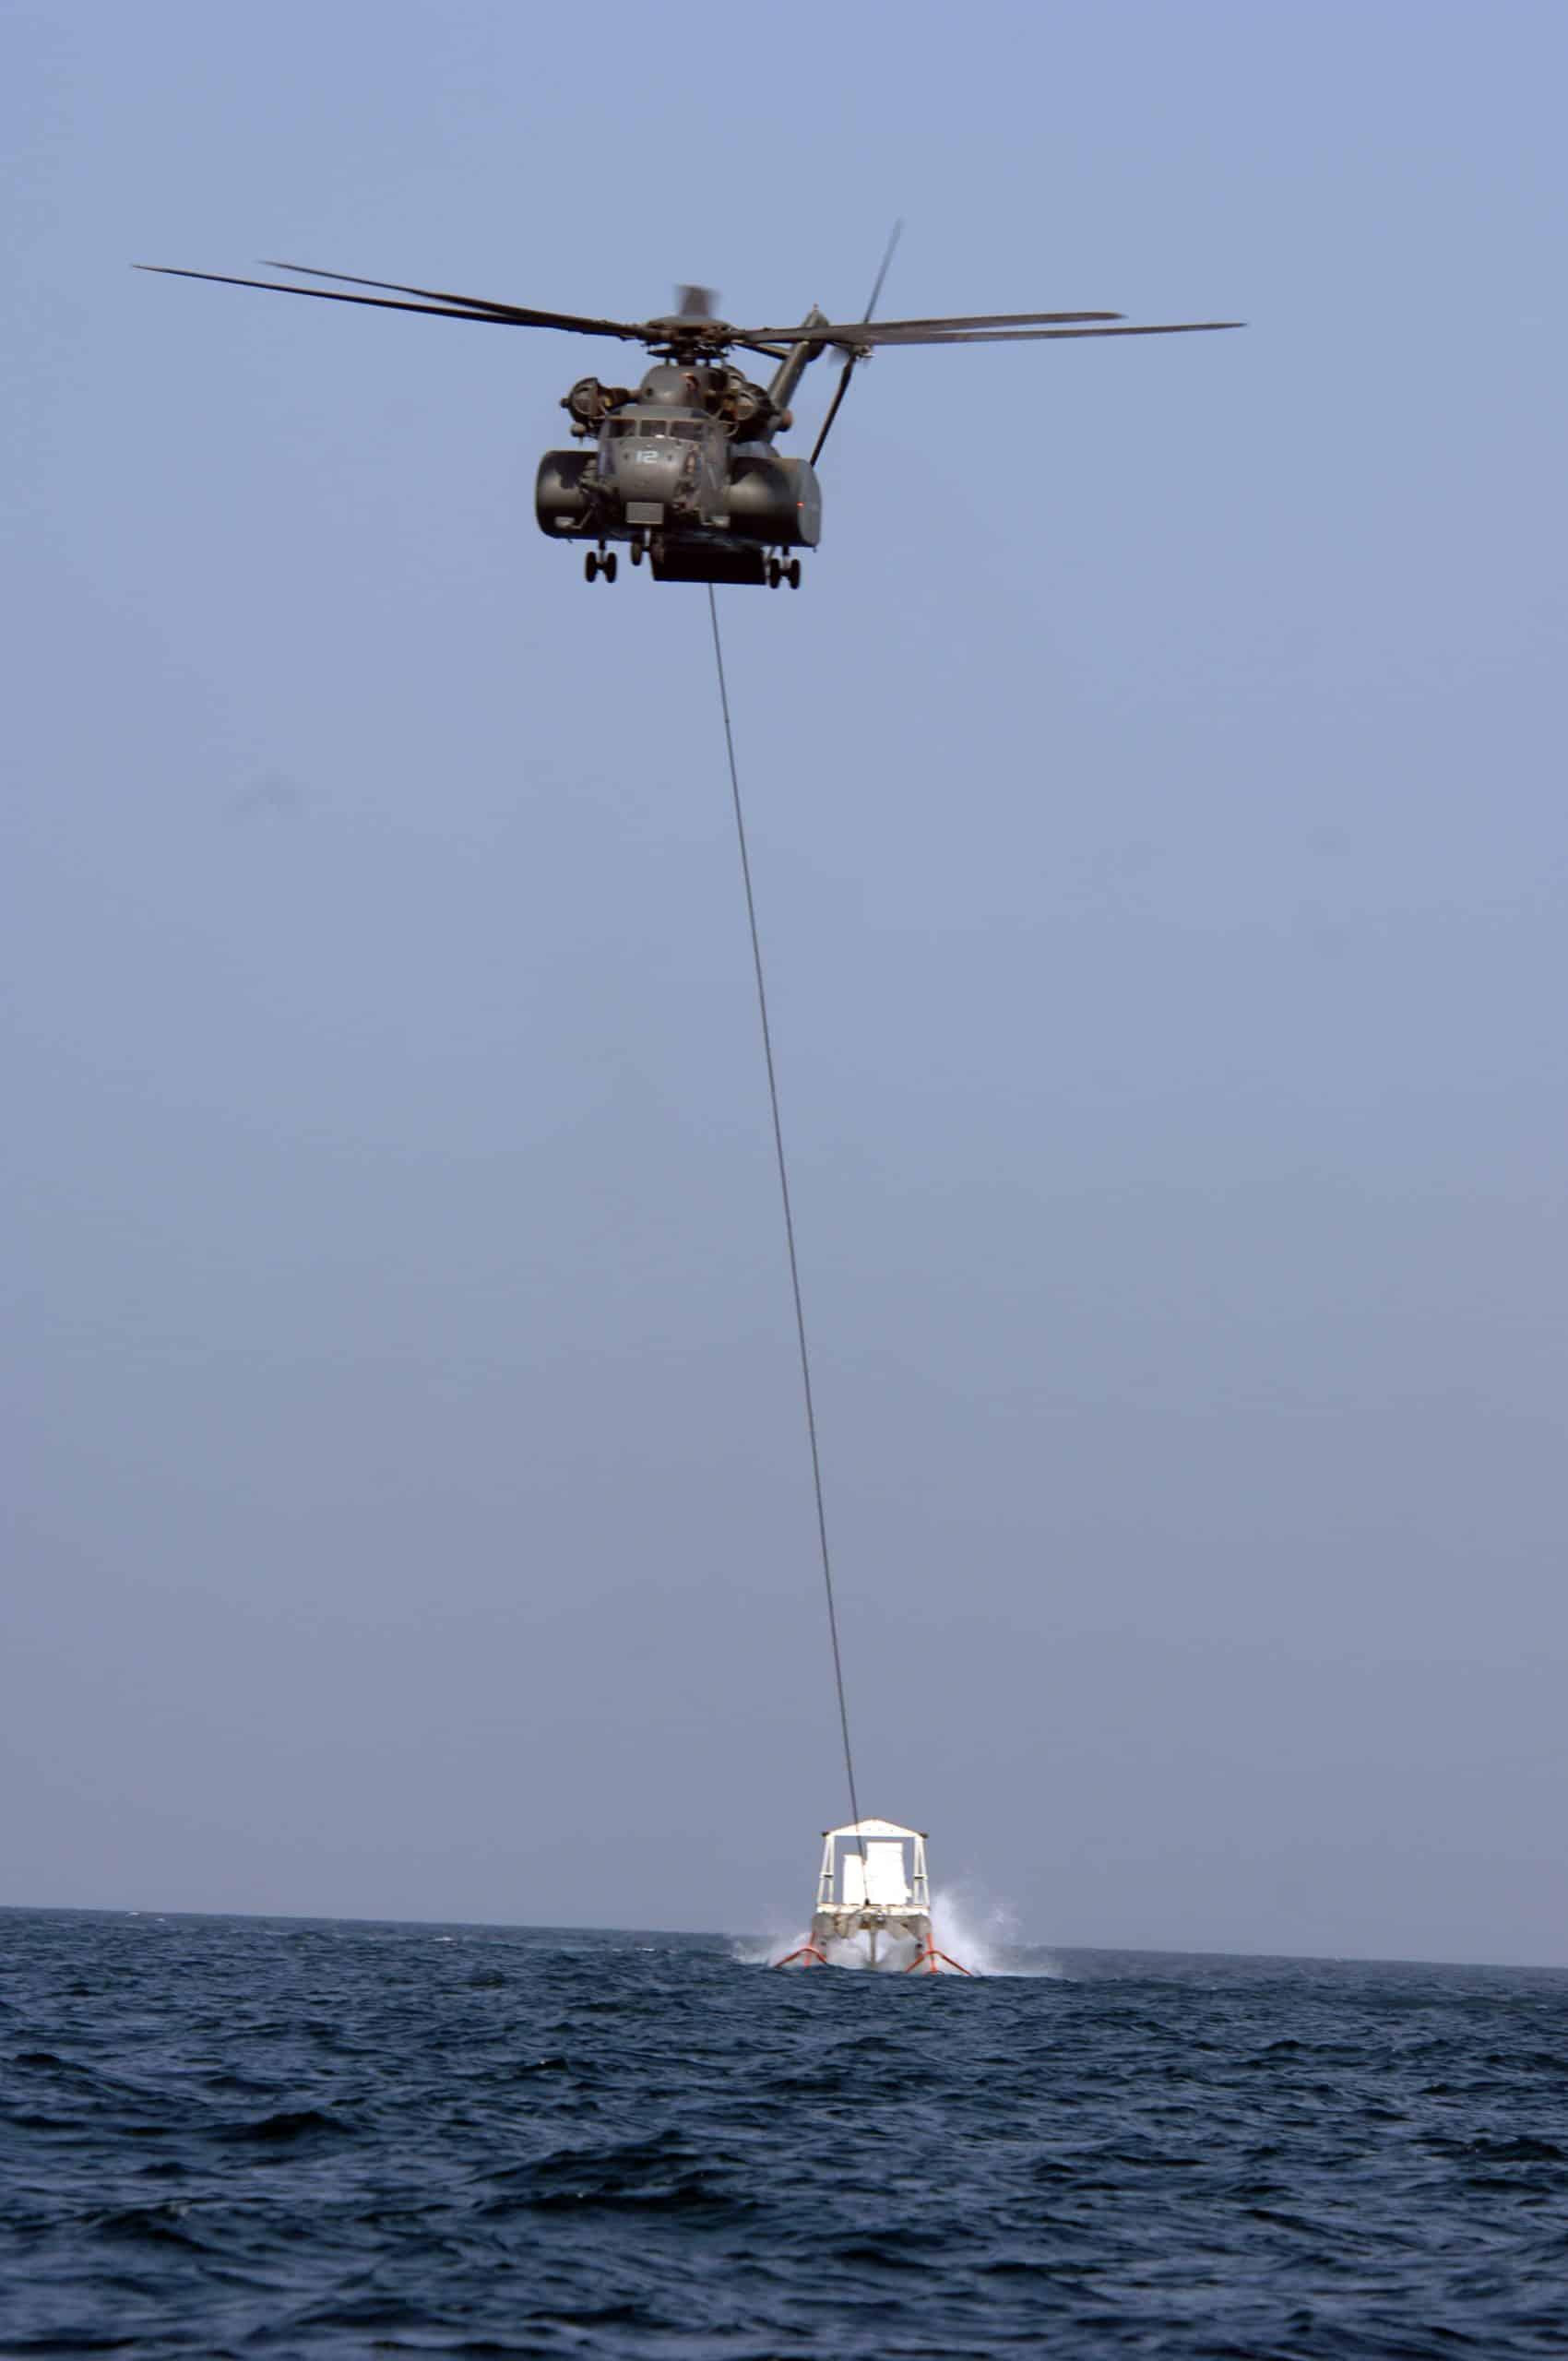 Вертолітний трал на підводних крилах Harris MK-105 в процесі роботи у відкритому морі